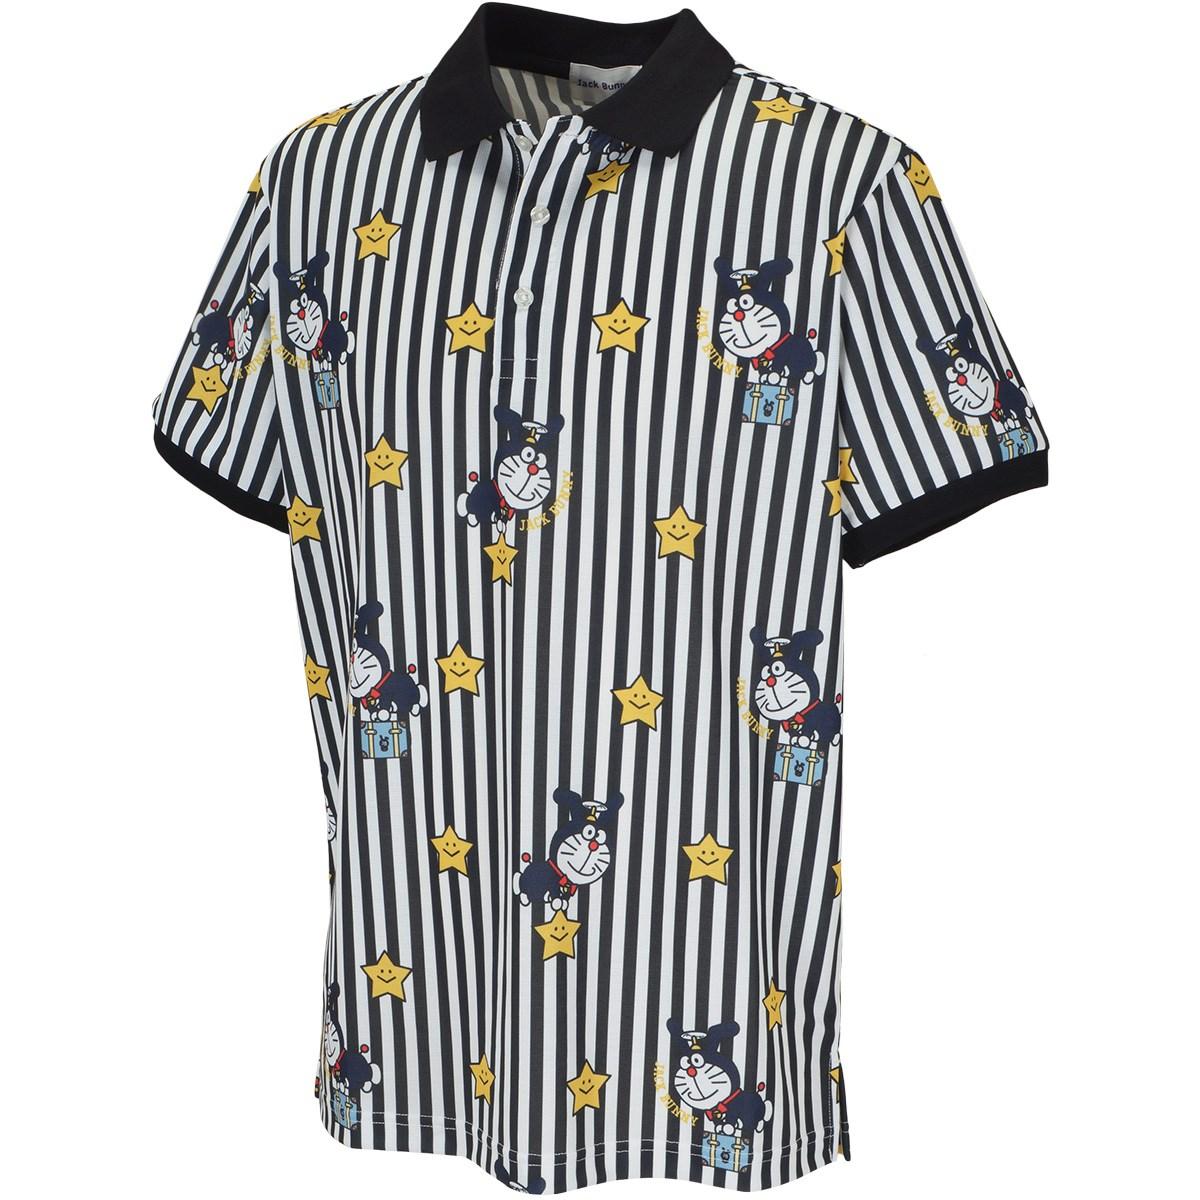 ジャックバニー バイ パーリーゲイツ ドラえもん ドライマスター鹿の子 半袖ポロシャツ